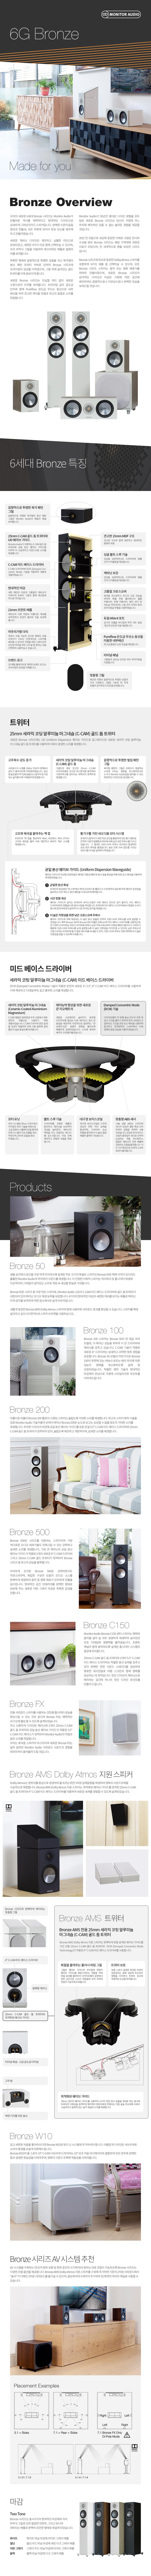 6G_Bronze_Info.jpg